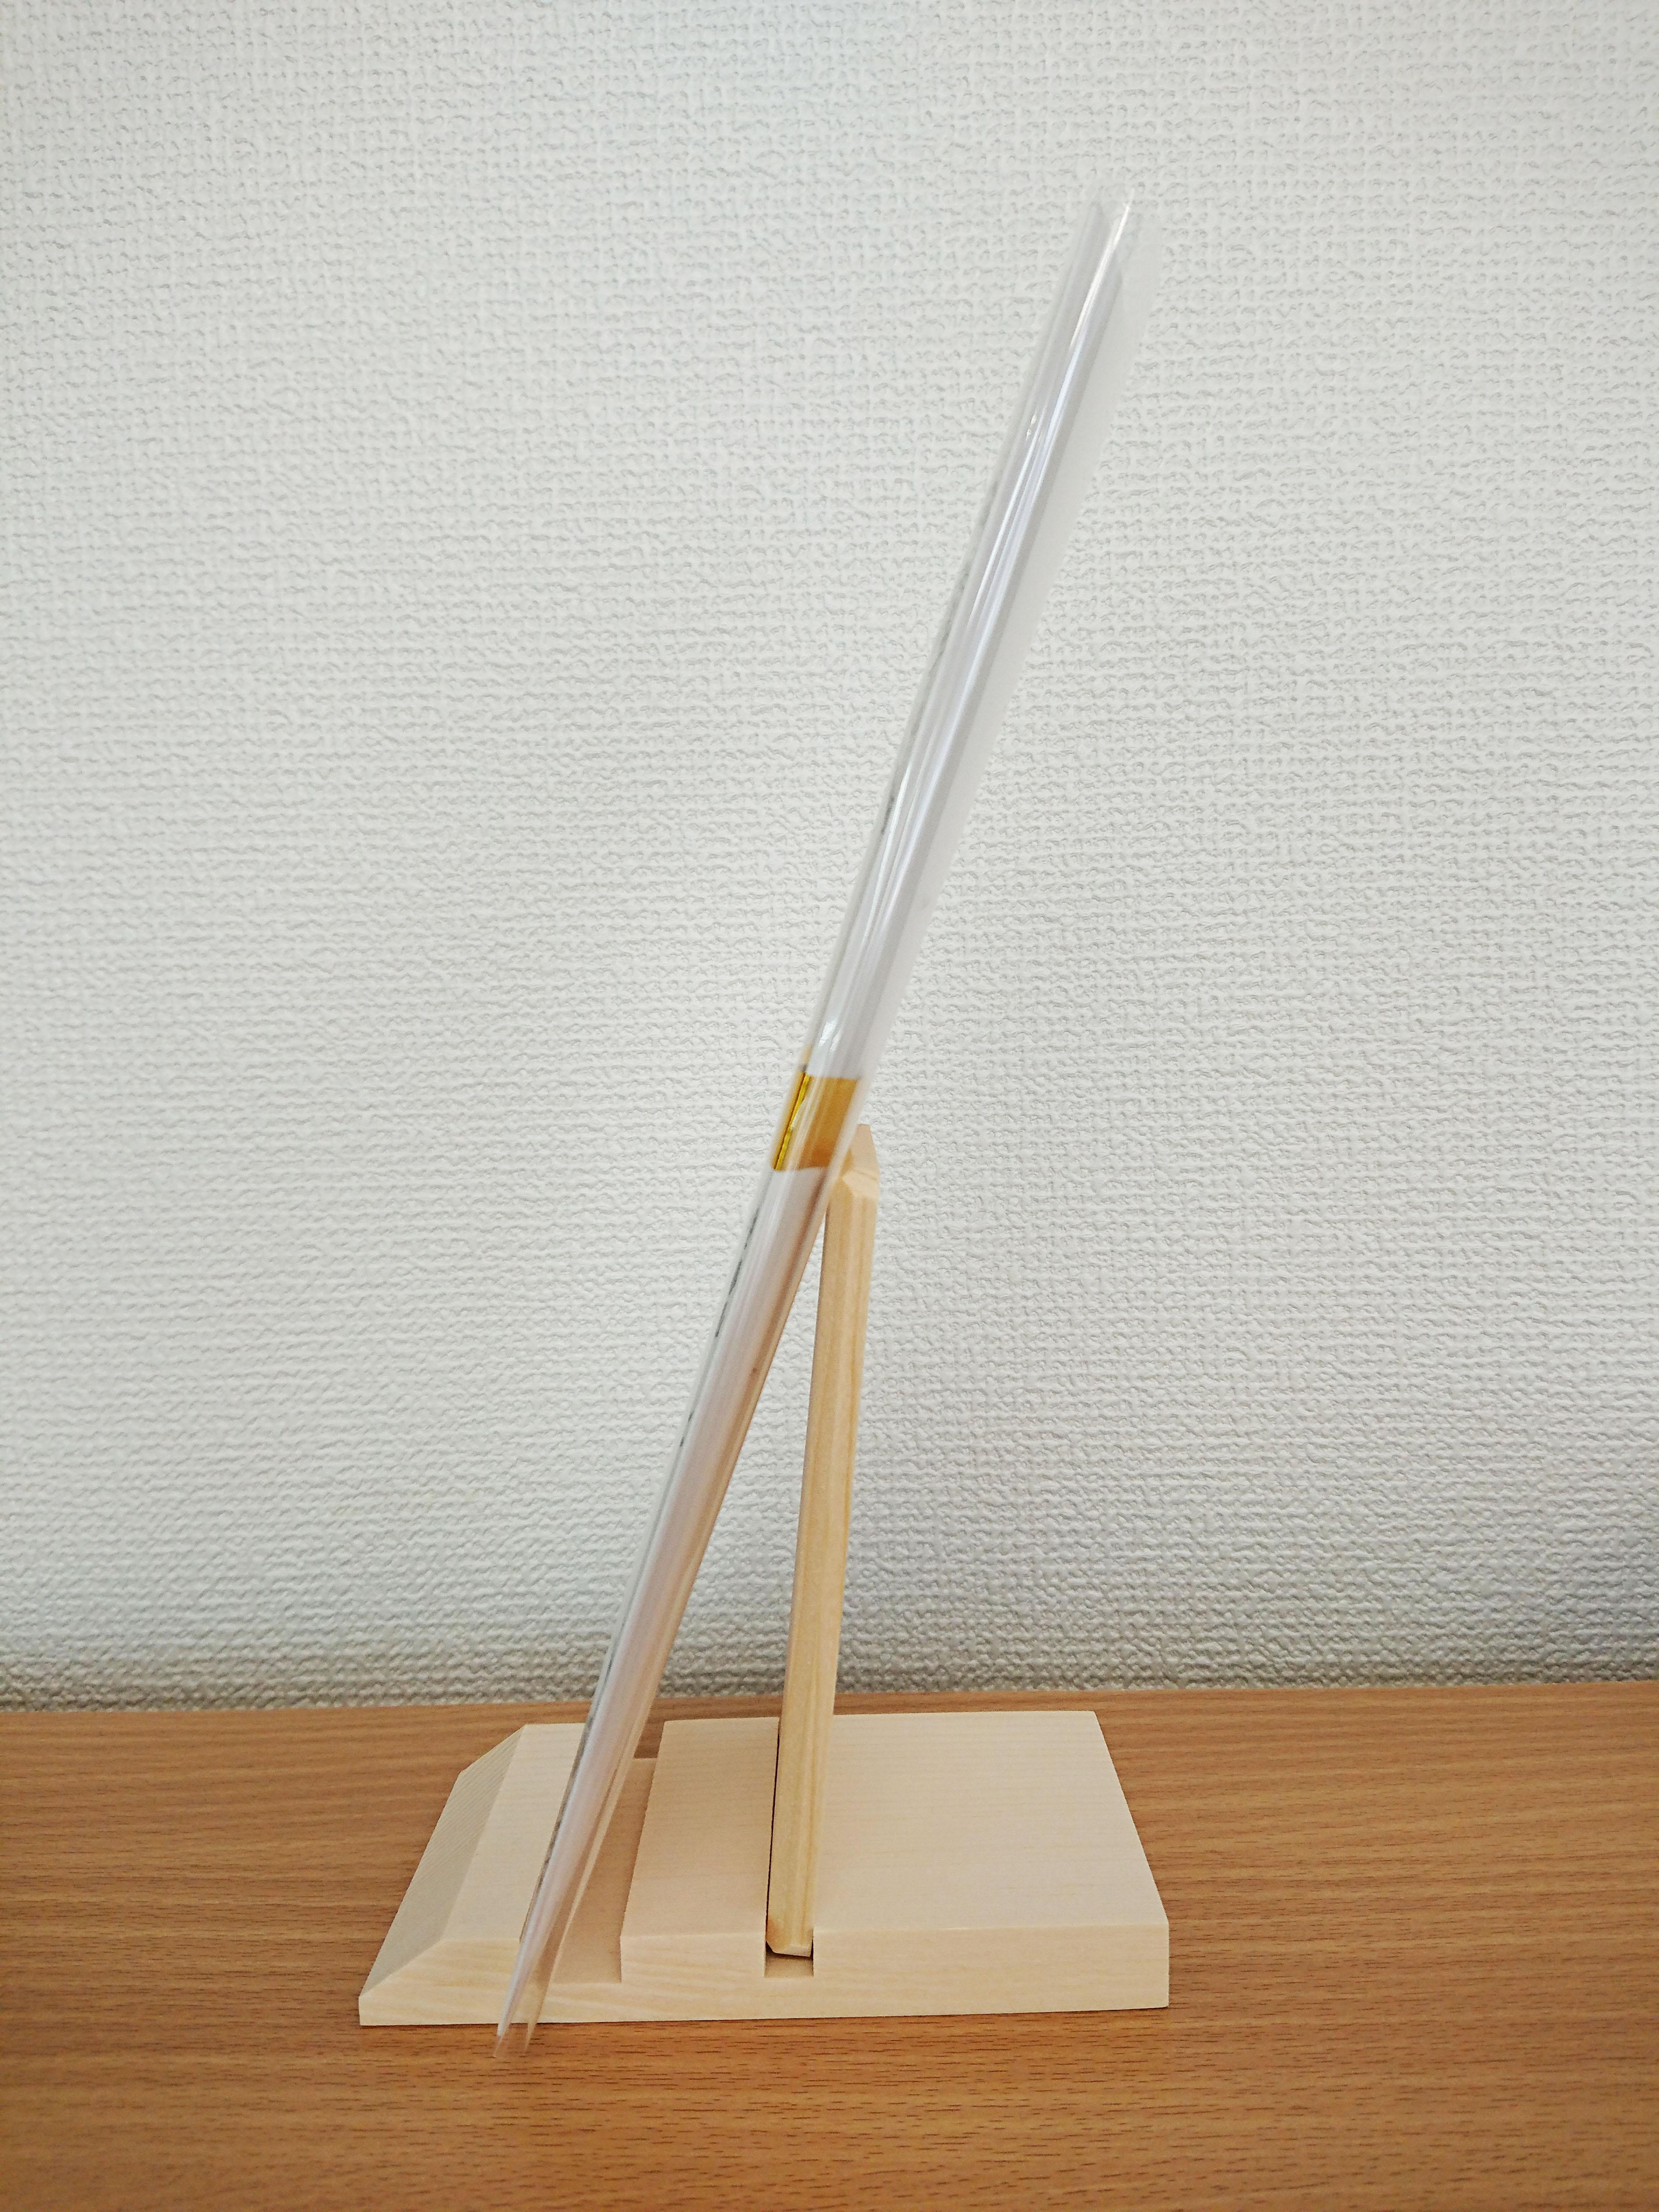 https://www.morita-stone.co.jp/weblog/img/20190110_ofudatate03.JPG